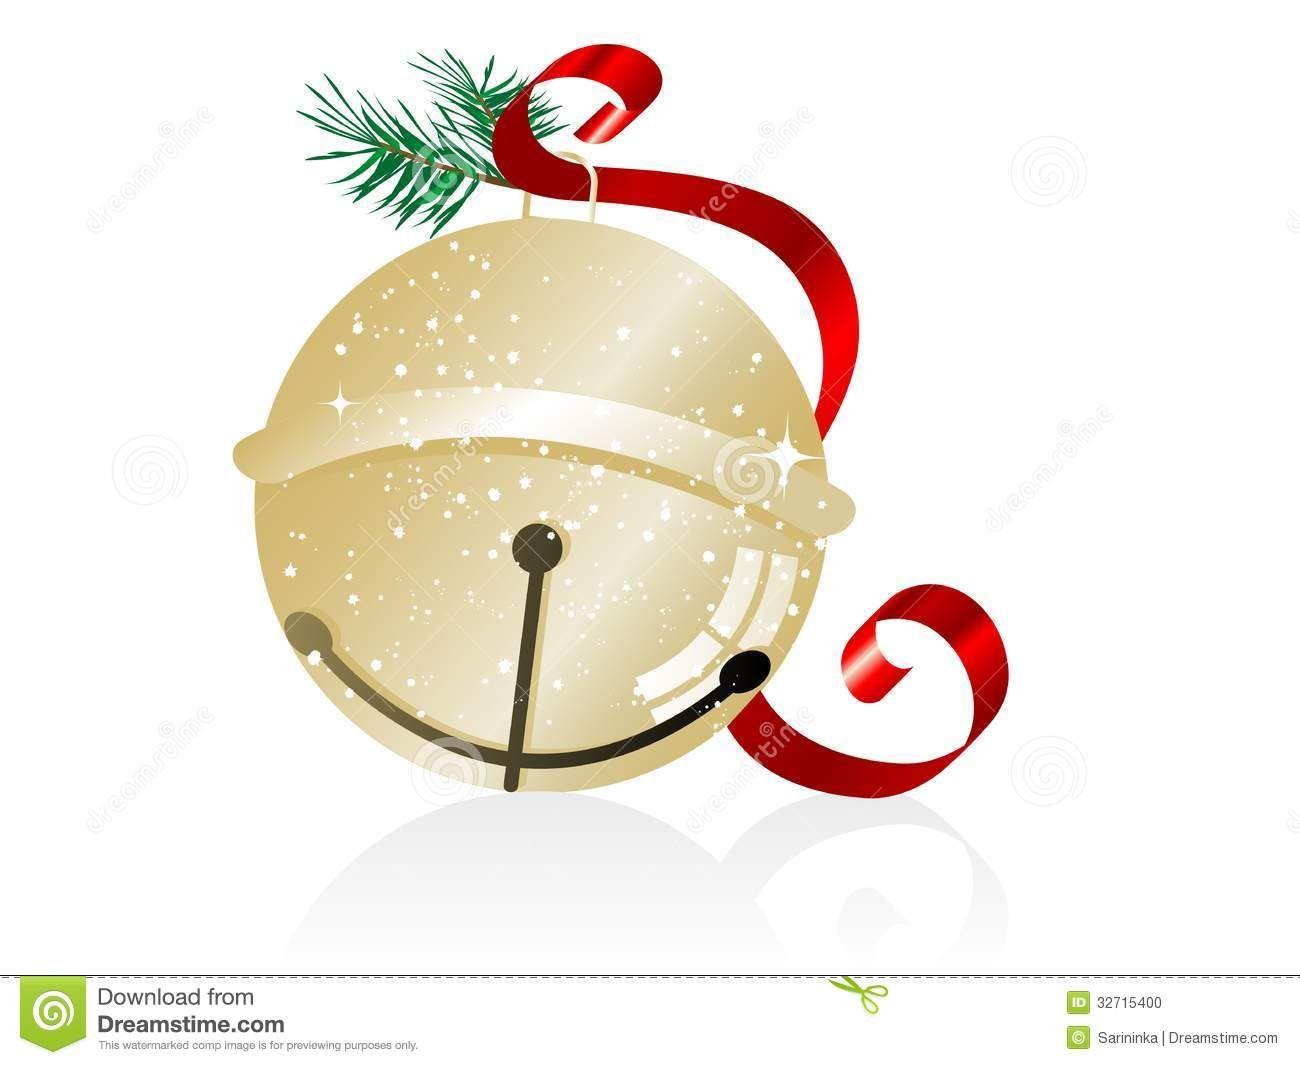 Jingle bells clip art. Sleigh clipart sleigh bell